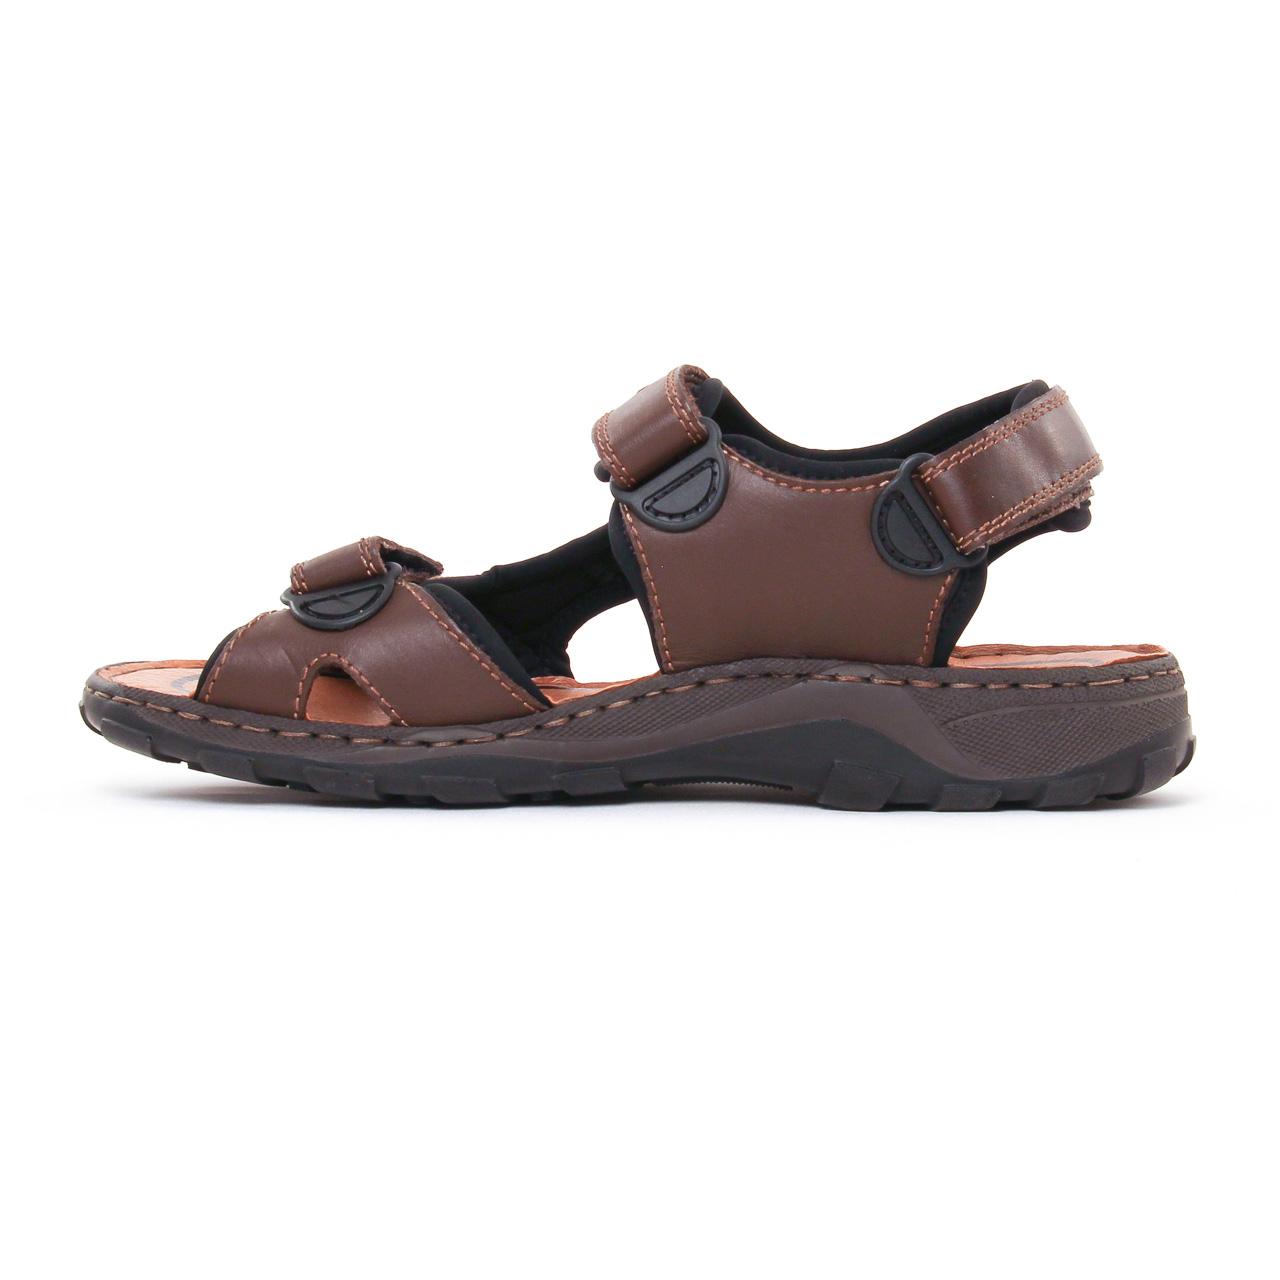 Rieker 26061 Nougat   sandales marron noir printemps été